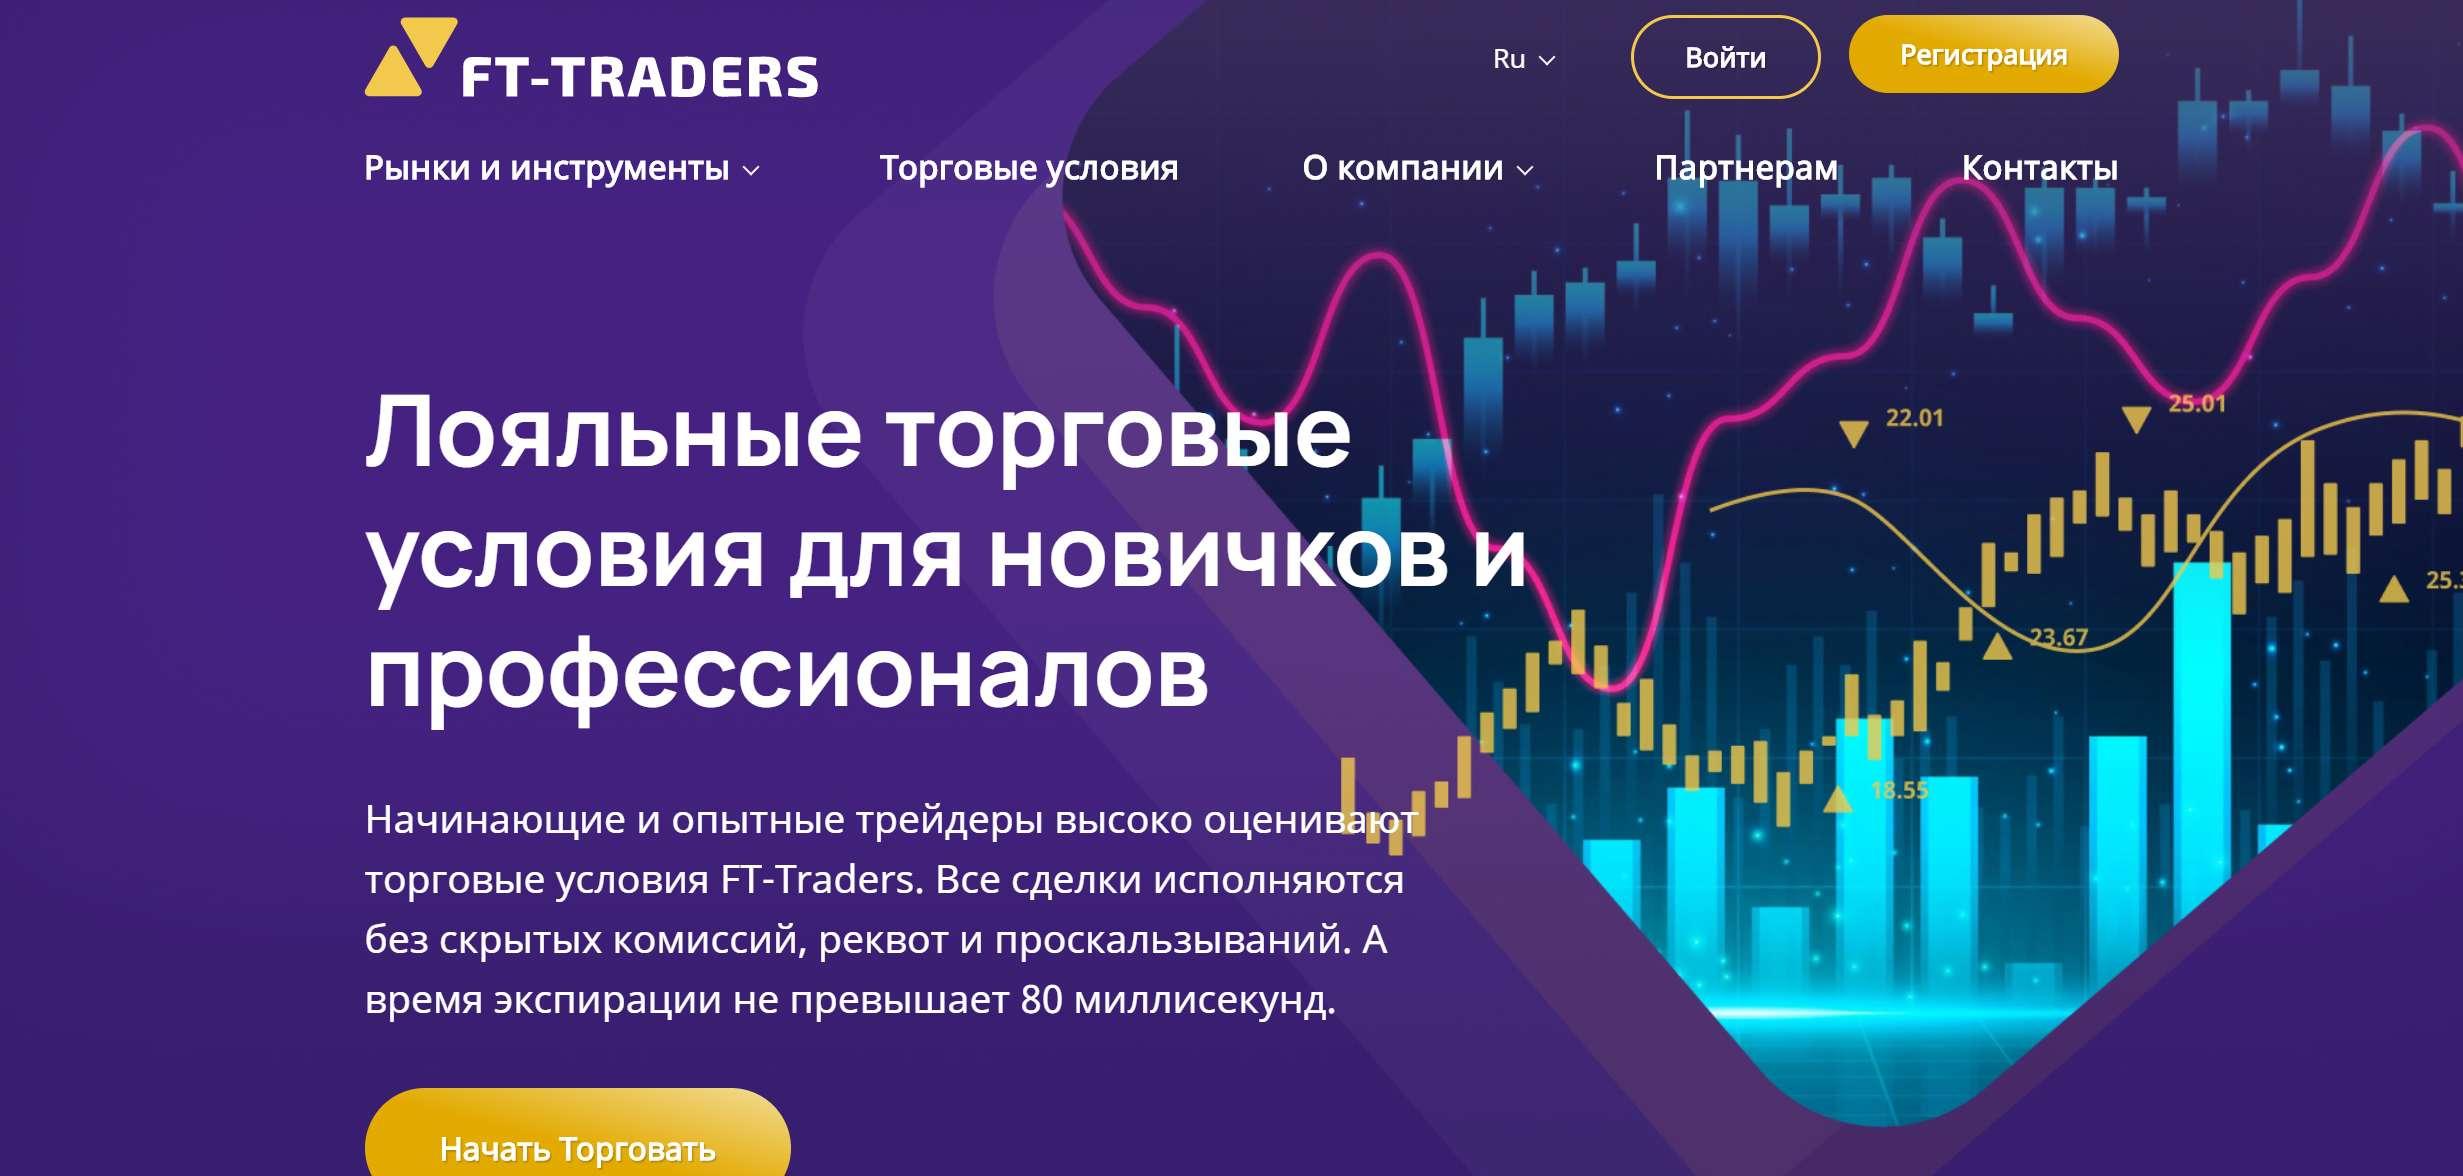 Псевдоброкер FT-Traders. Летите денежки в карман лохотронщиков.